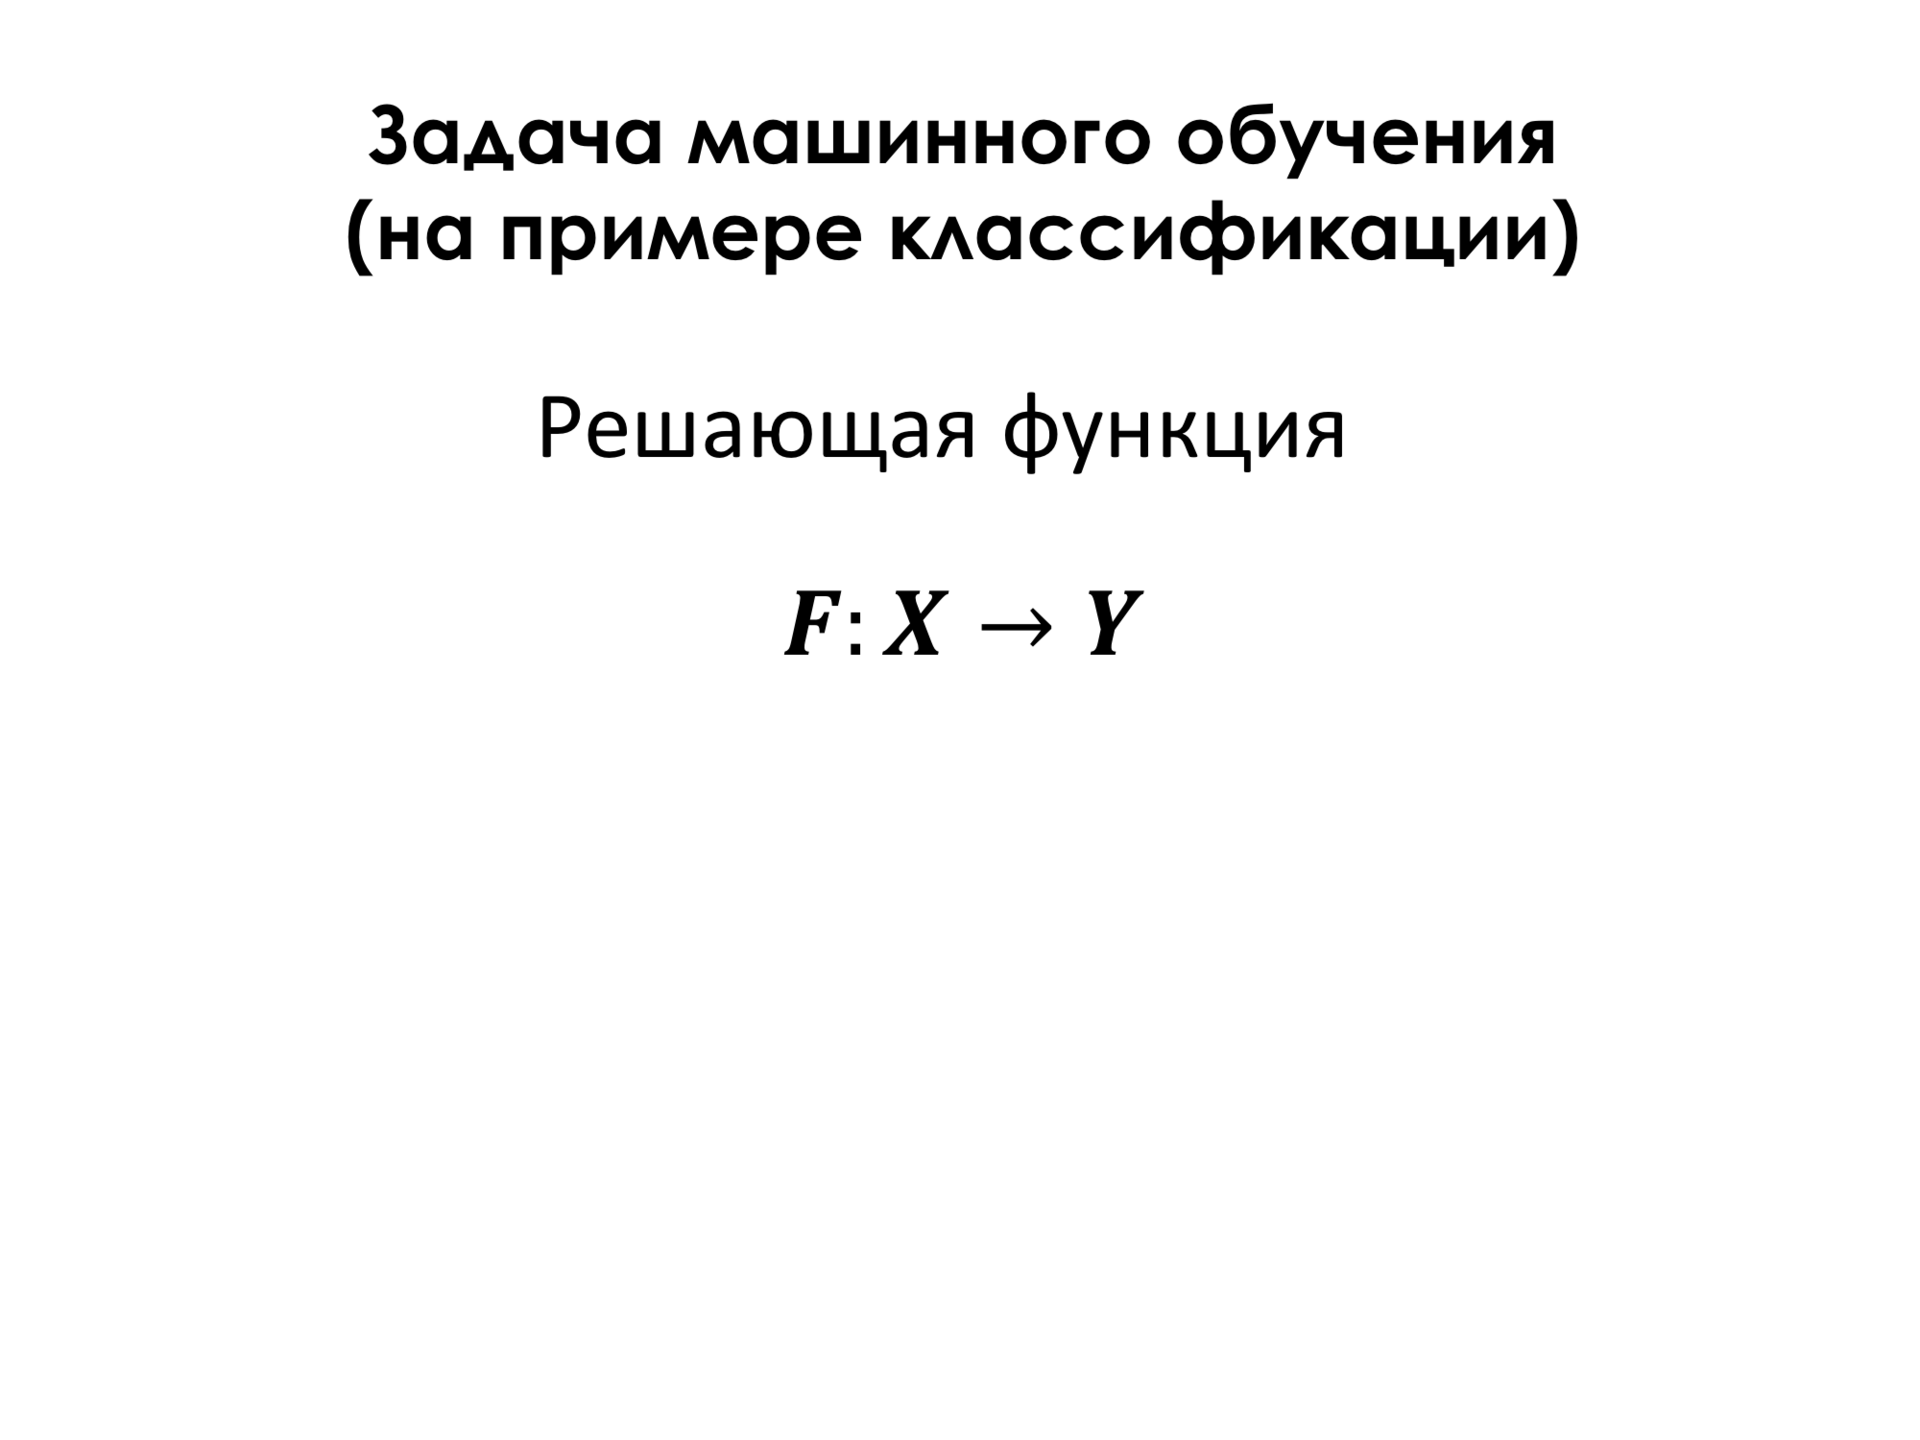 Самое главное о нейронных сетях. Лекция в Яндексе - 5